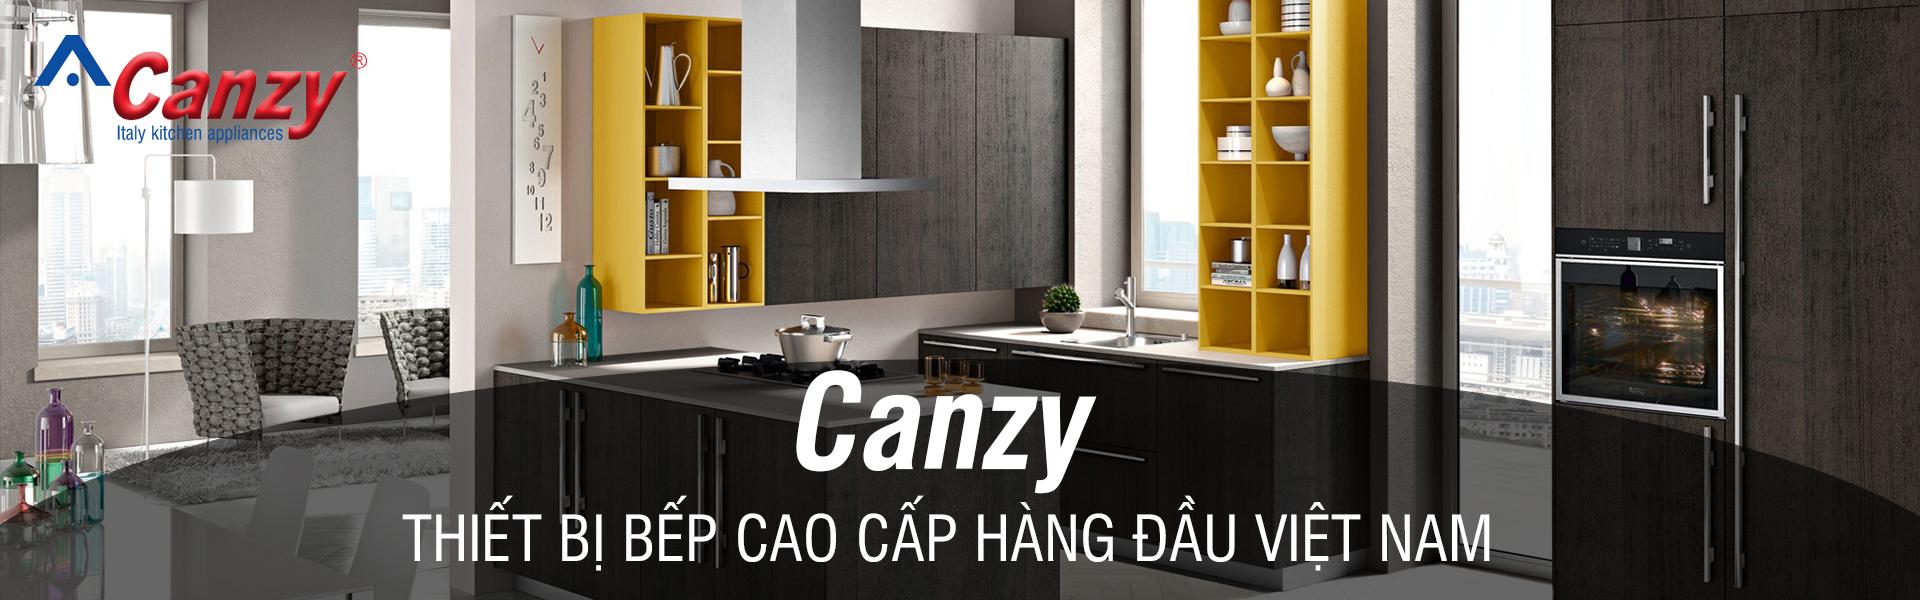 Máy rửa chén Canzy